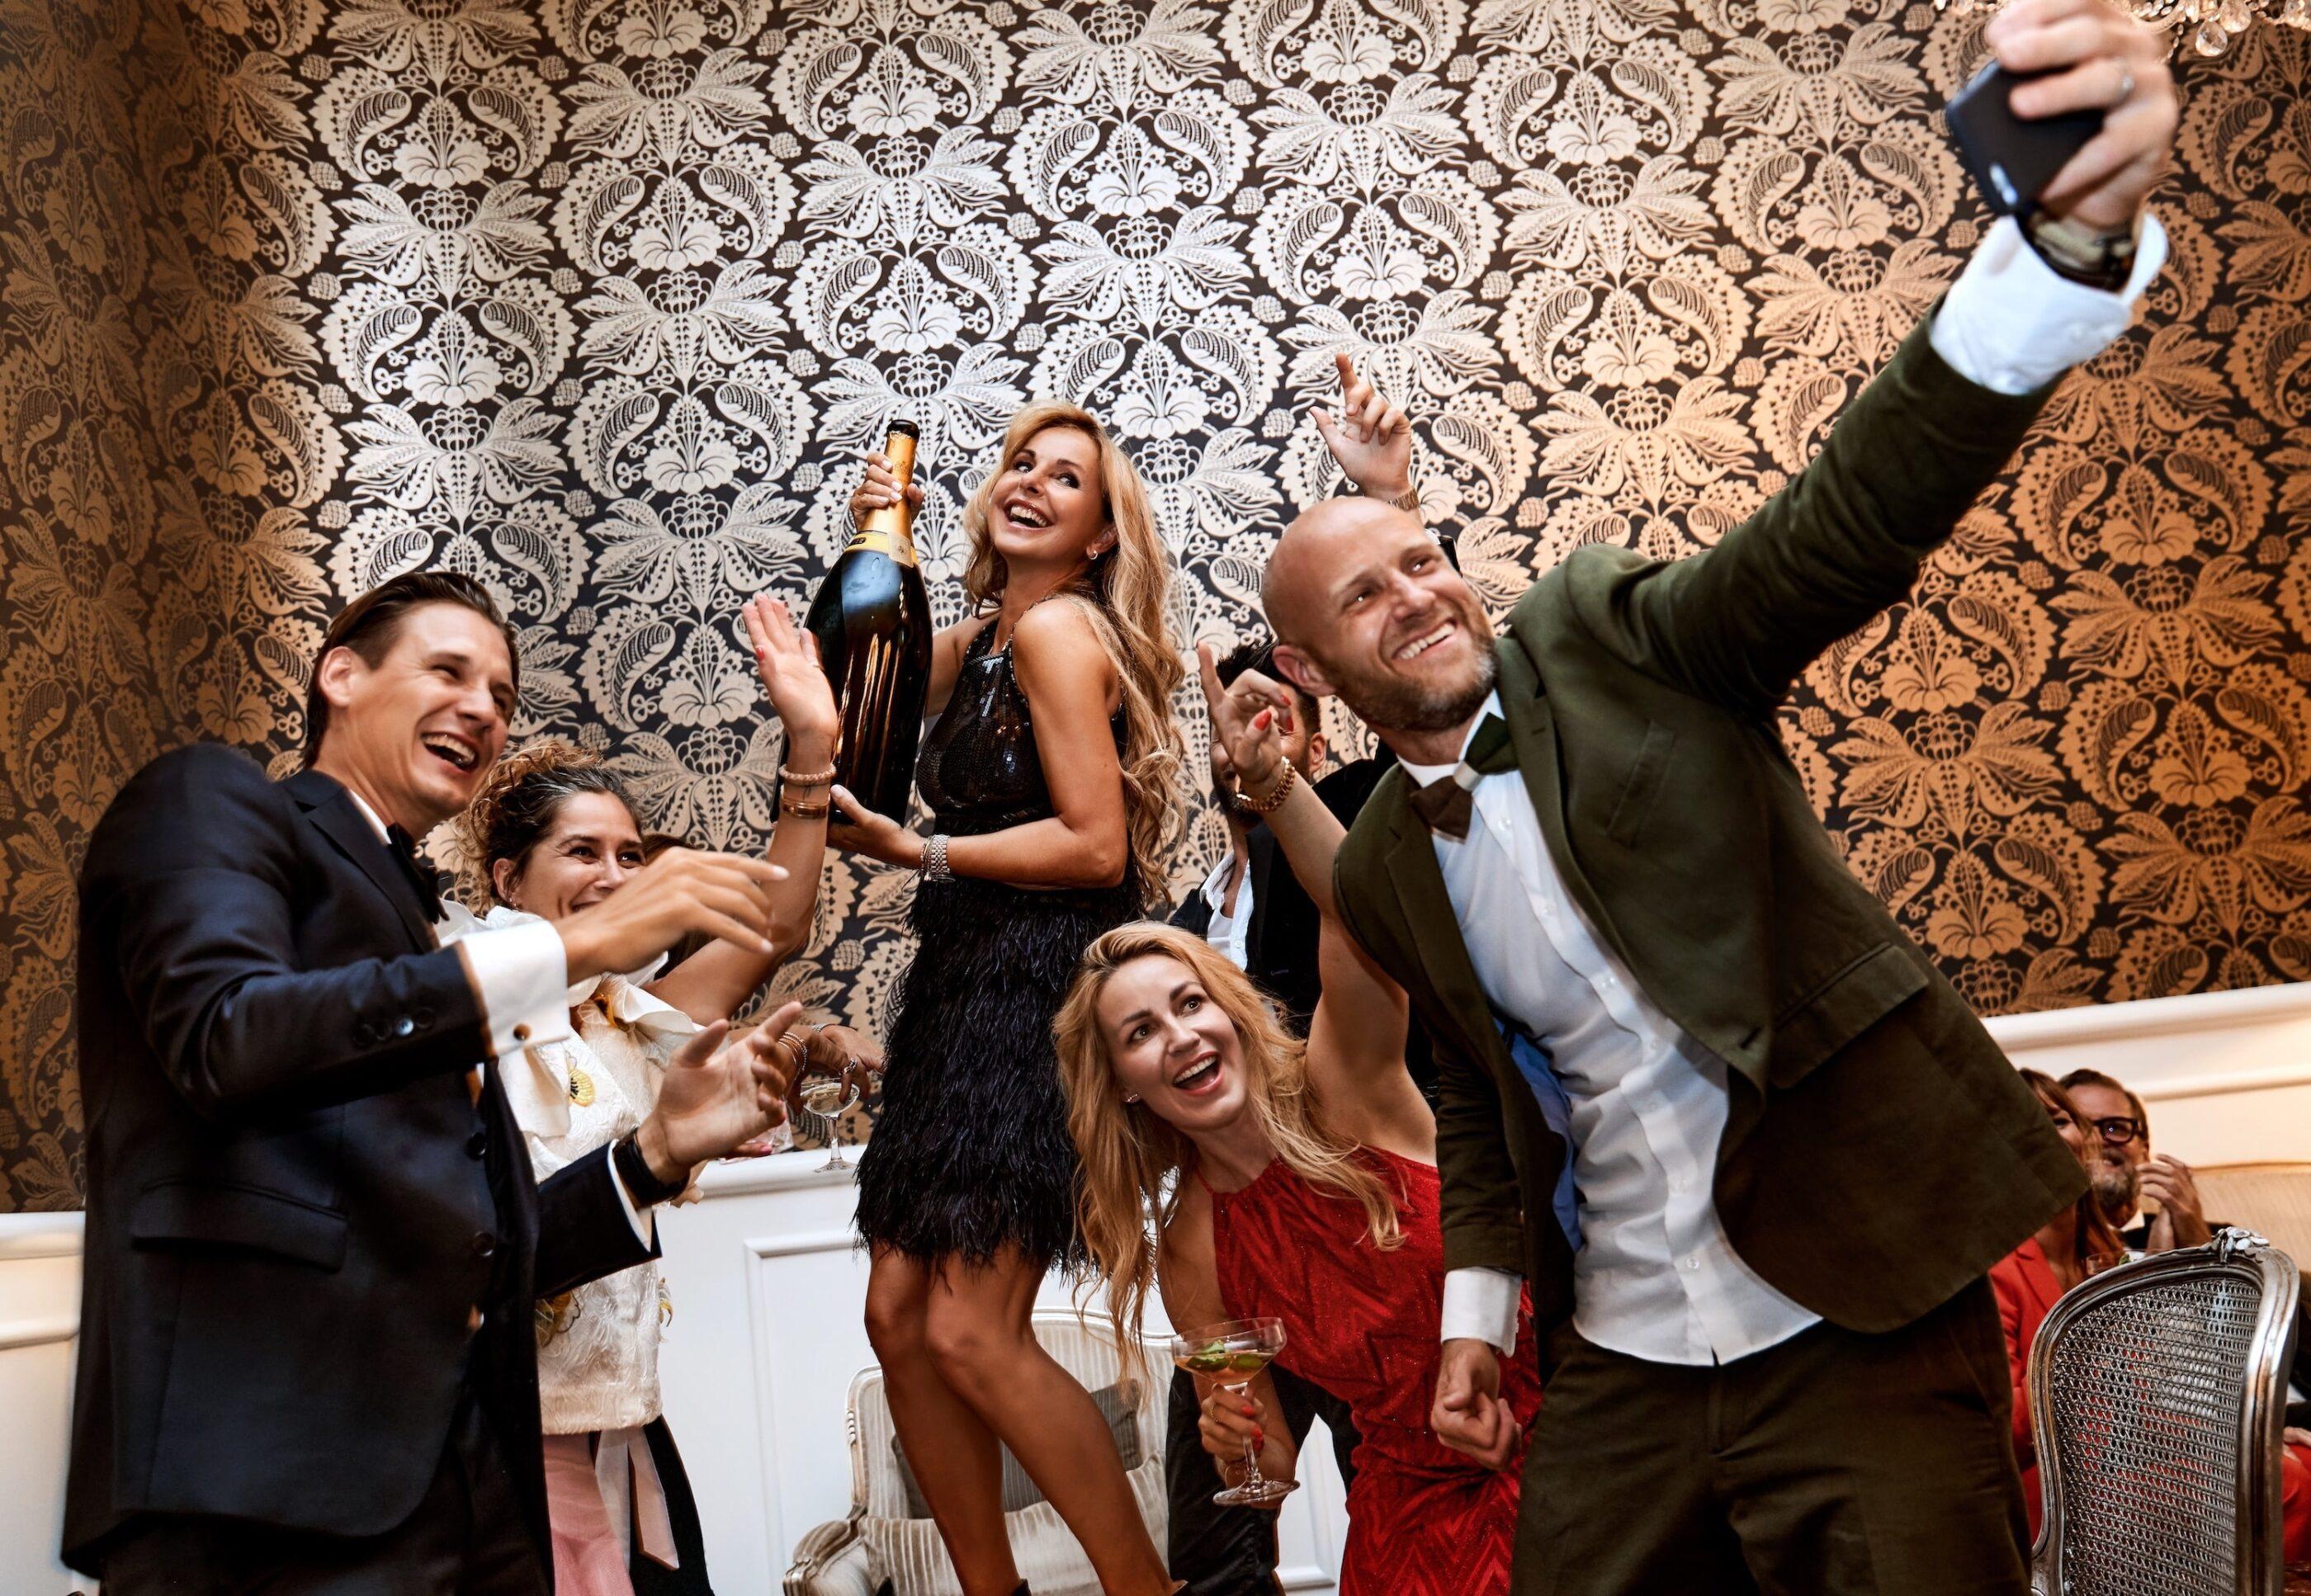 En mand tager selfie med en gruppe af mennesker i balrummet mens de alle har det sjovt og en kvinde i midten holder en kæmpe champagne flaske